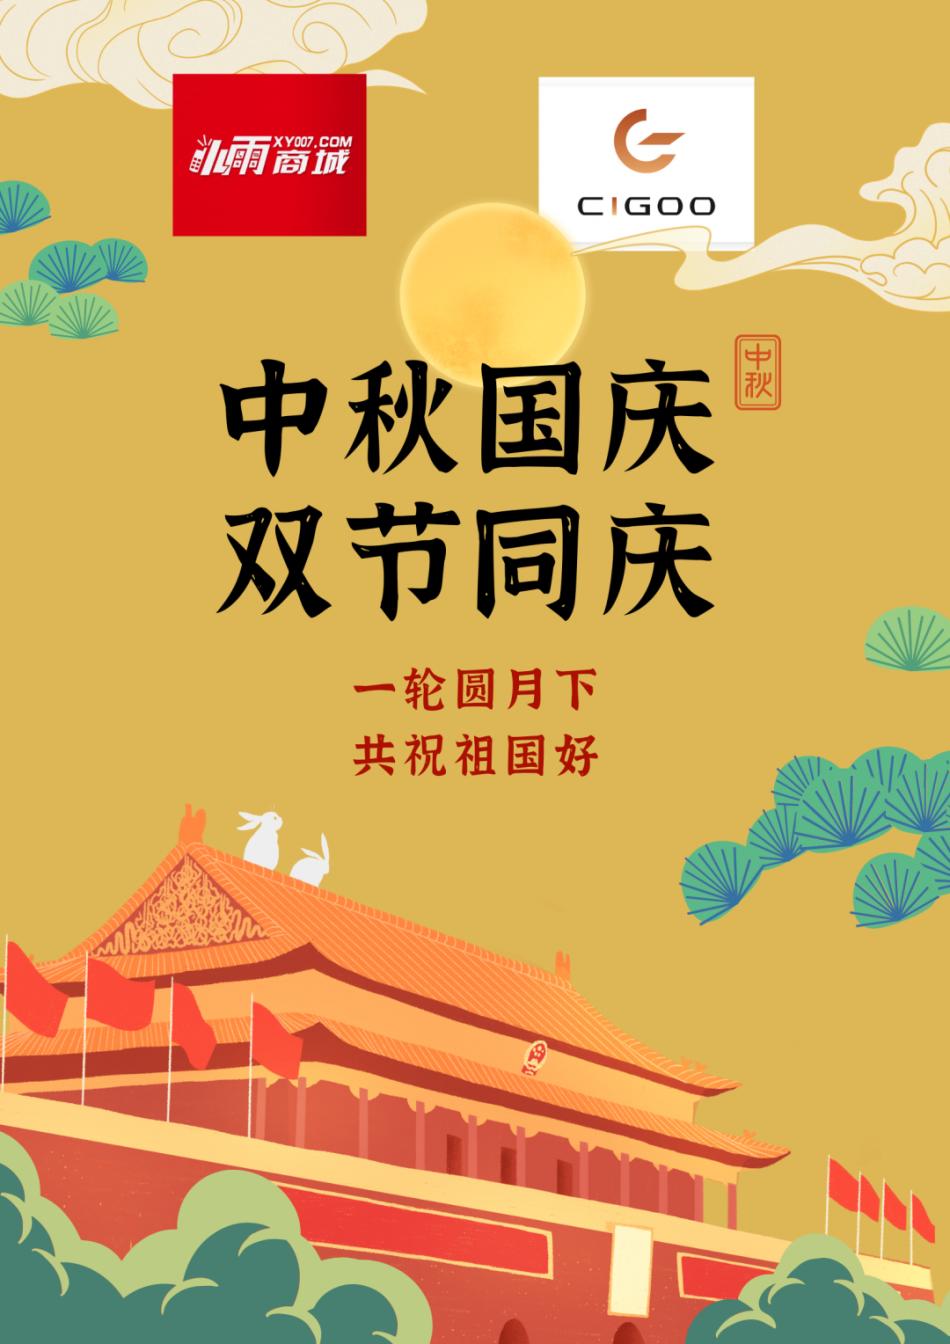 喜科CIGOO携小雨商城祝您国庆中秋双节快乐,